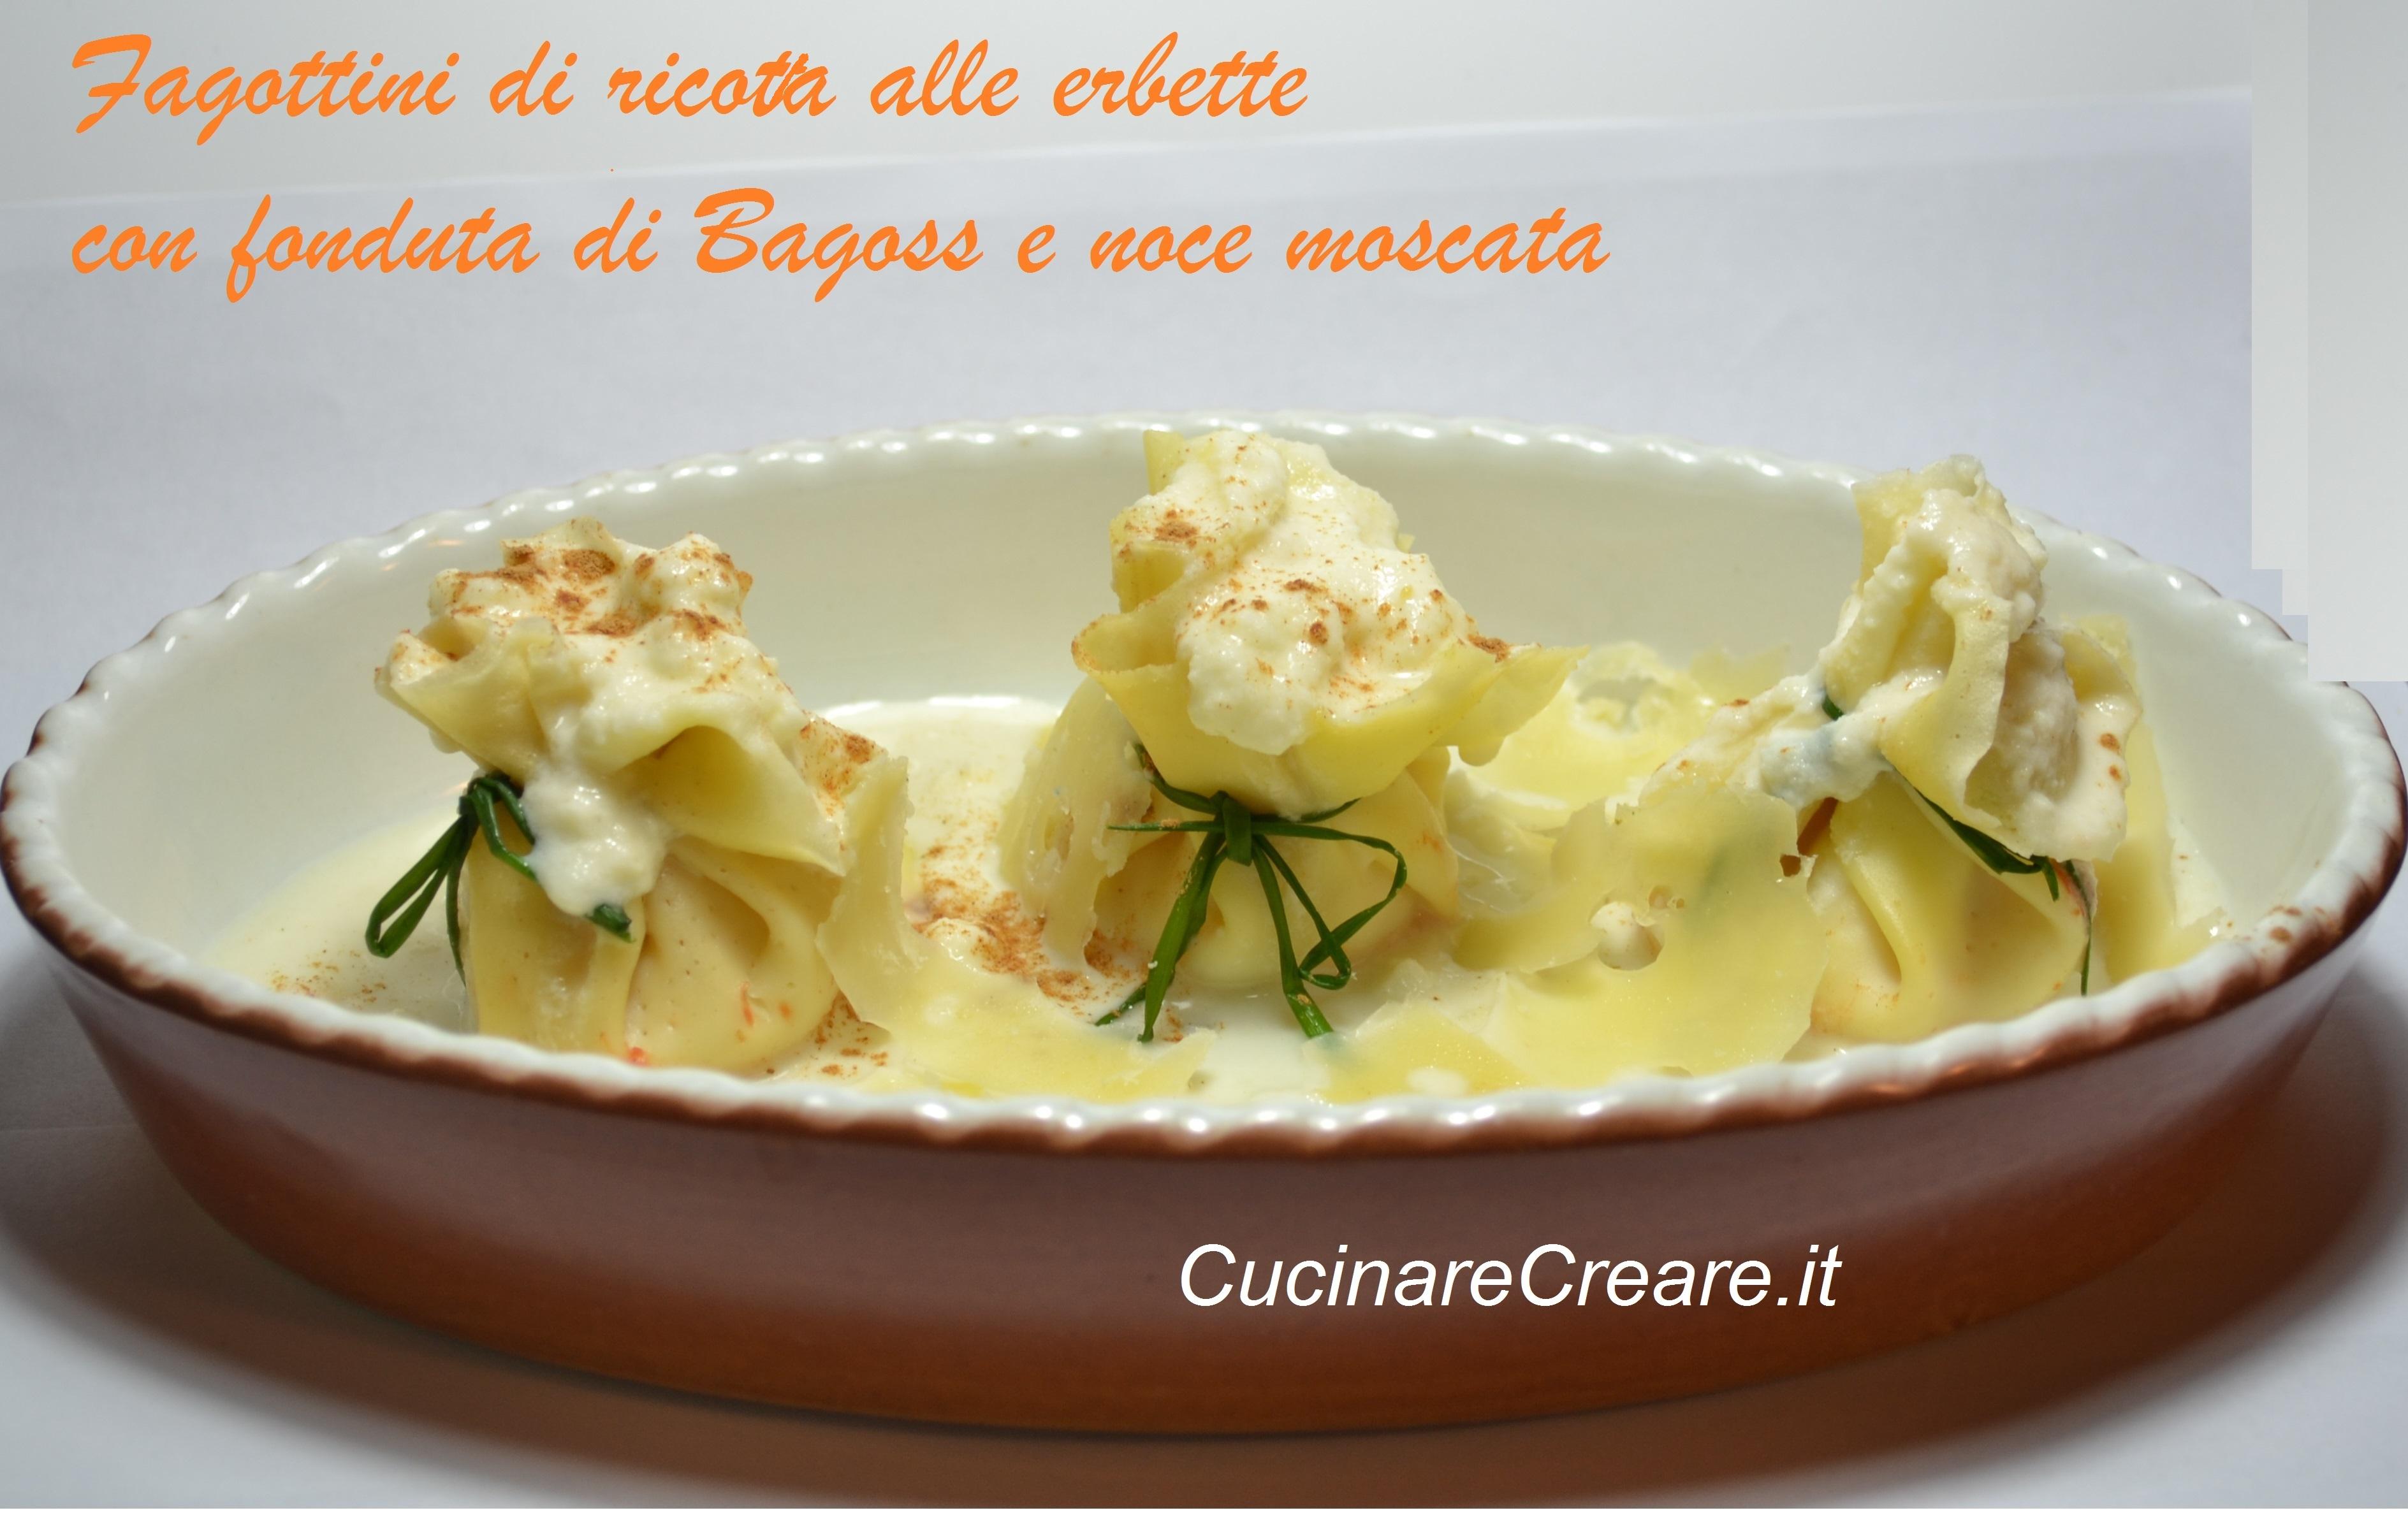 cucinare creare » blog archive » fagottini di ricotta alle erbette ... - Cucinare Erbette